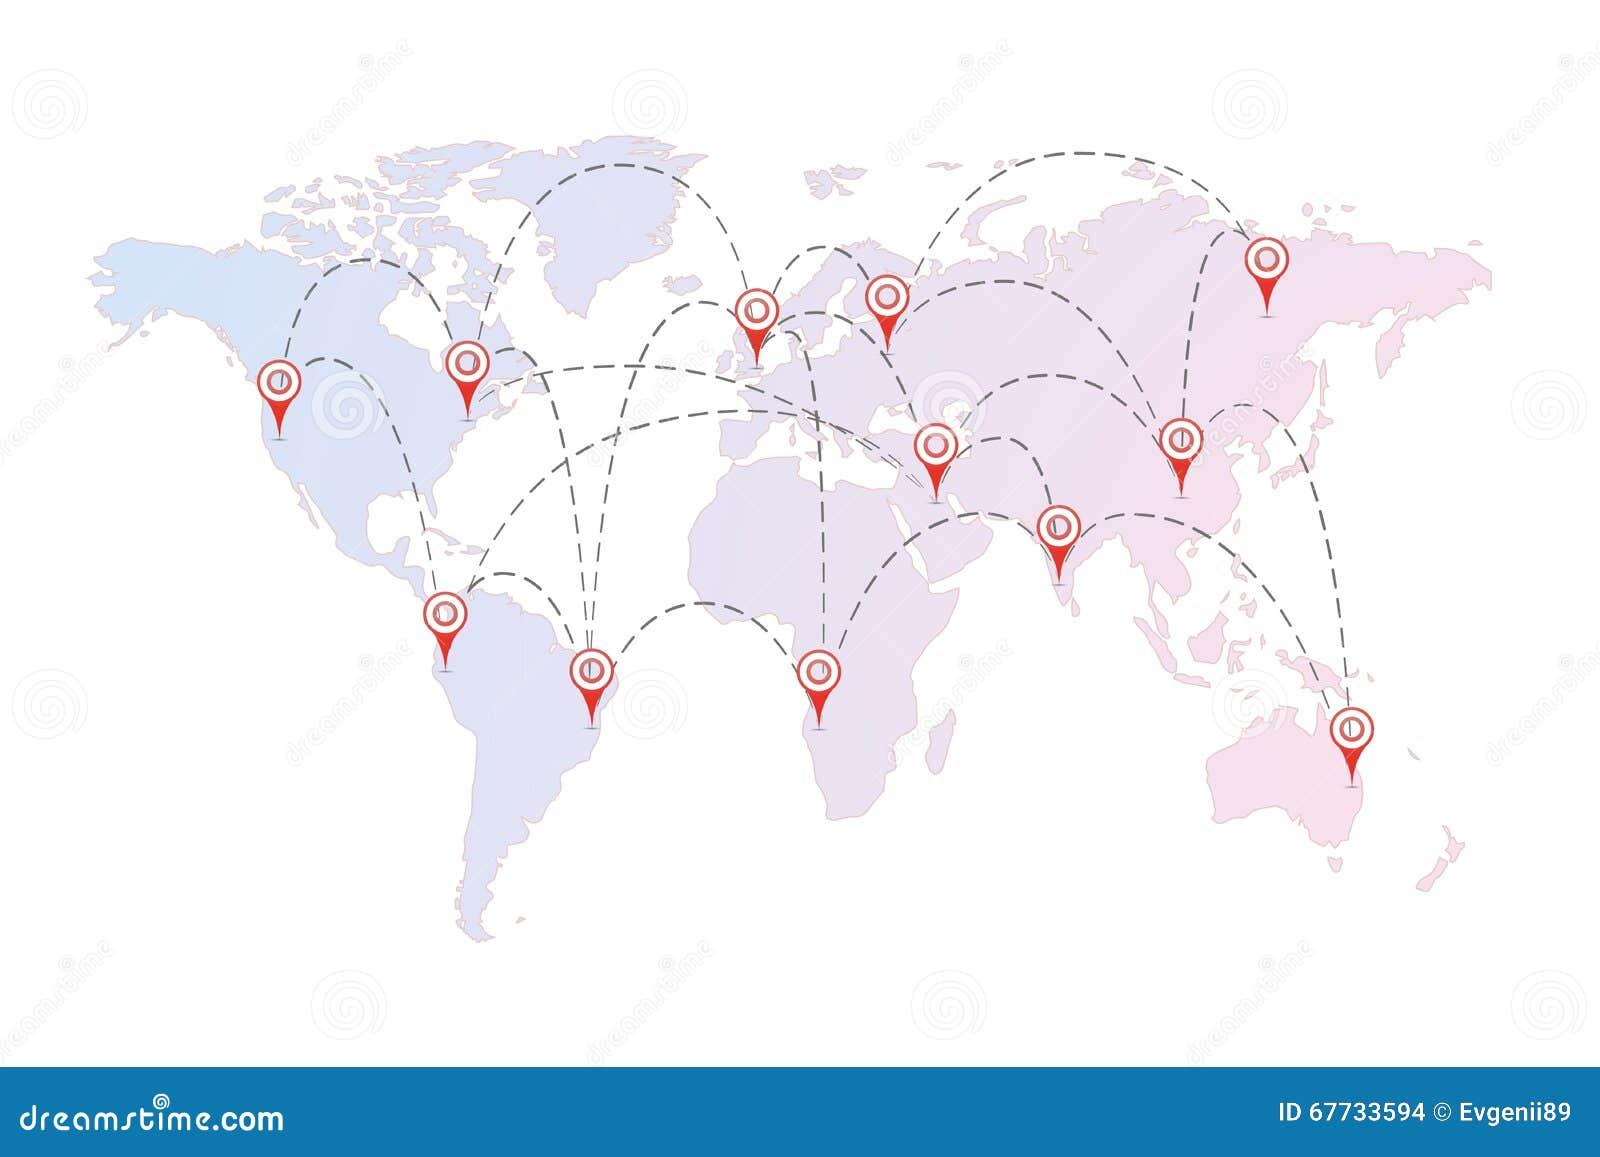 Bemerkenswert Weltkarte Mit Städten Sammlung Von Pattern Flugverbindungen Zwischen Städten Roten Stiften Von